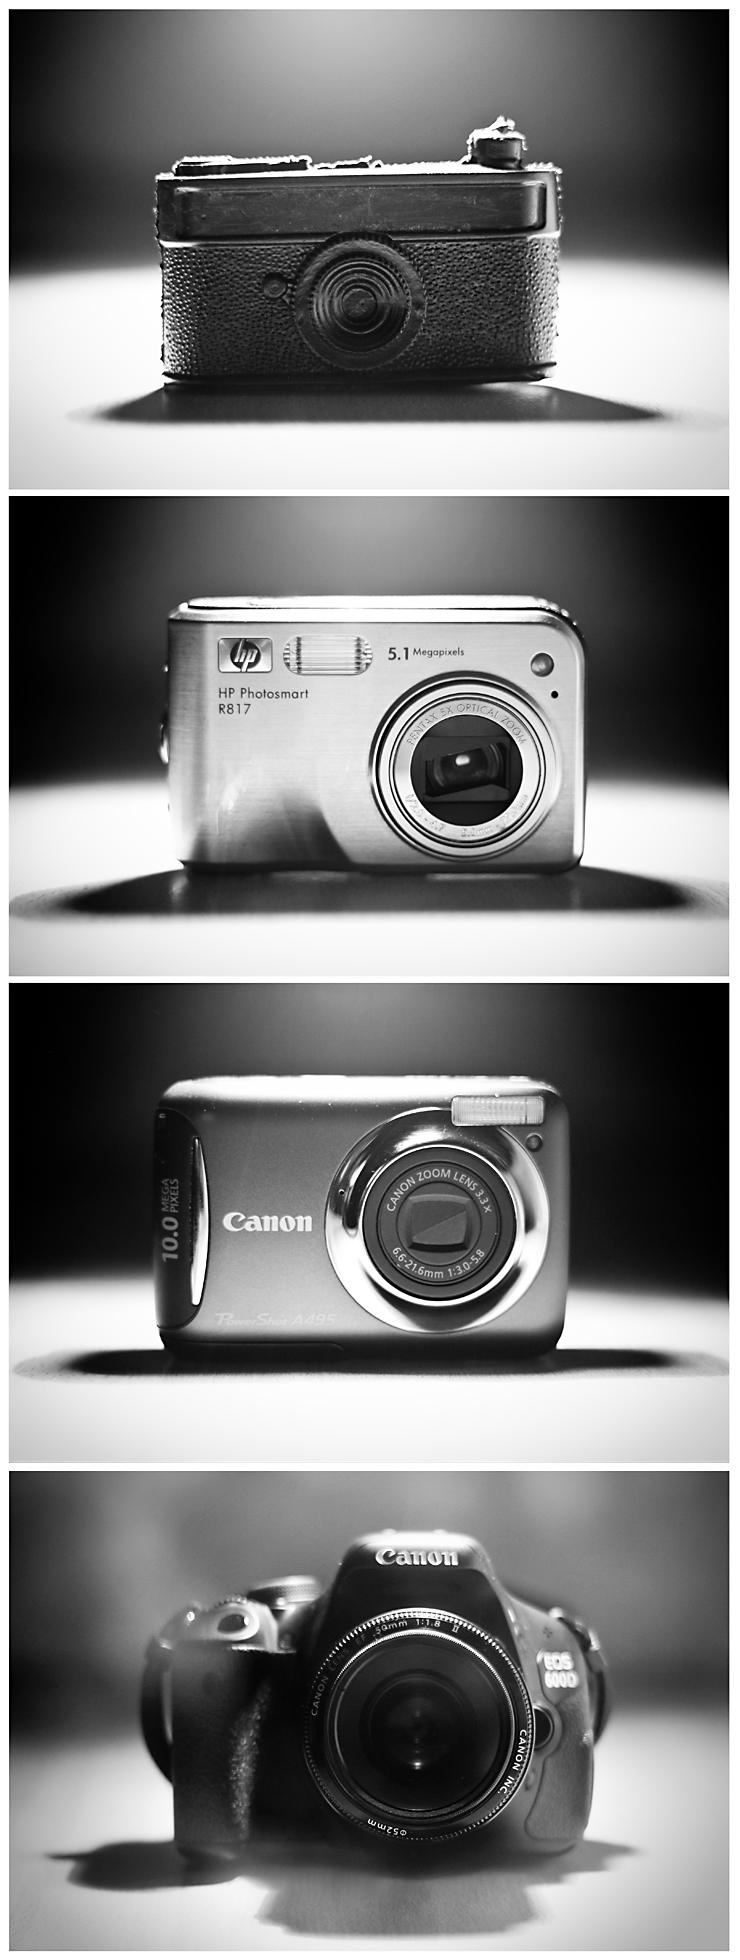 2014-11-29_cameras_2